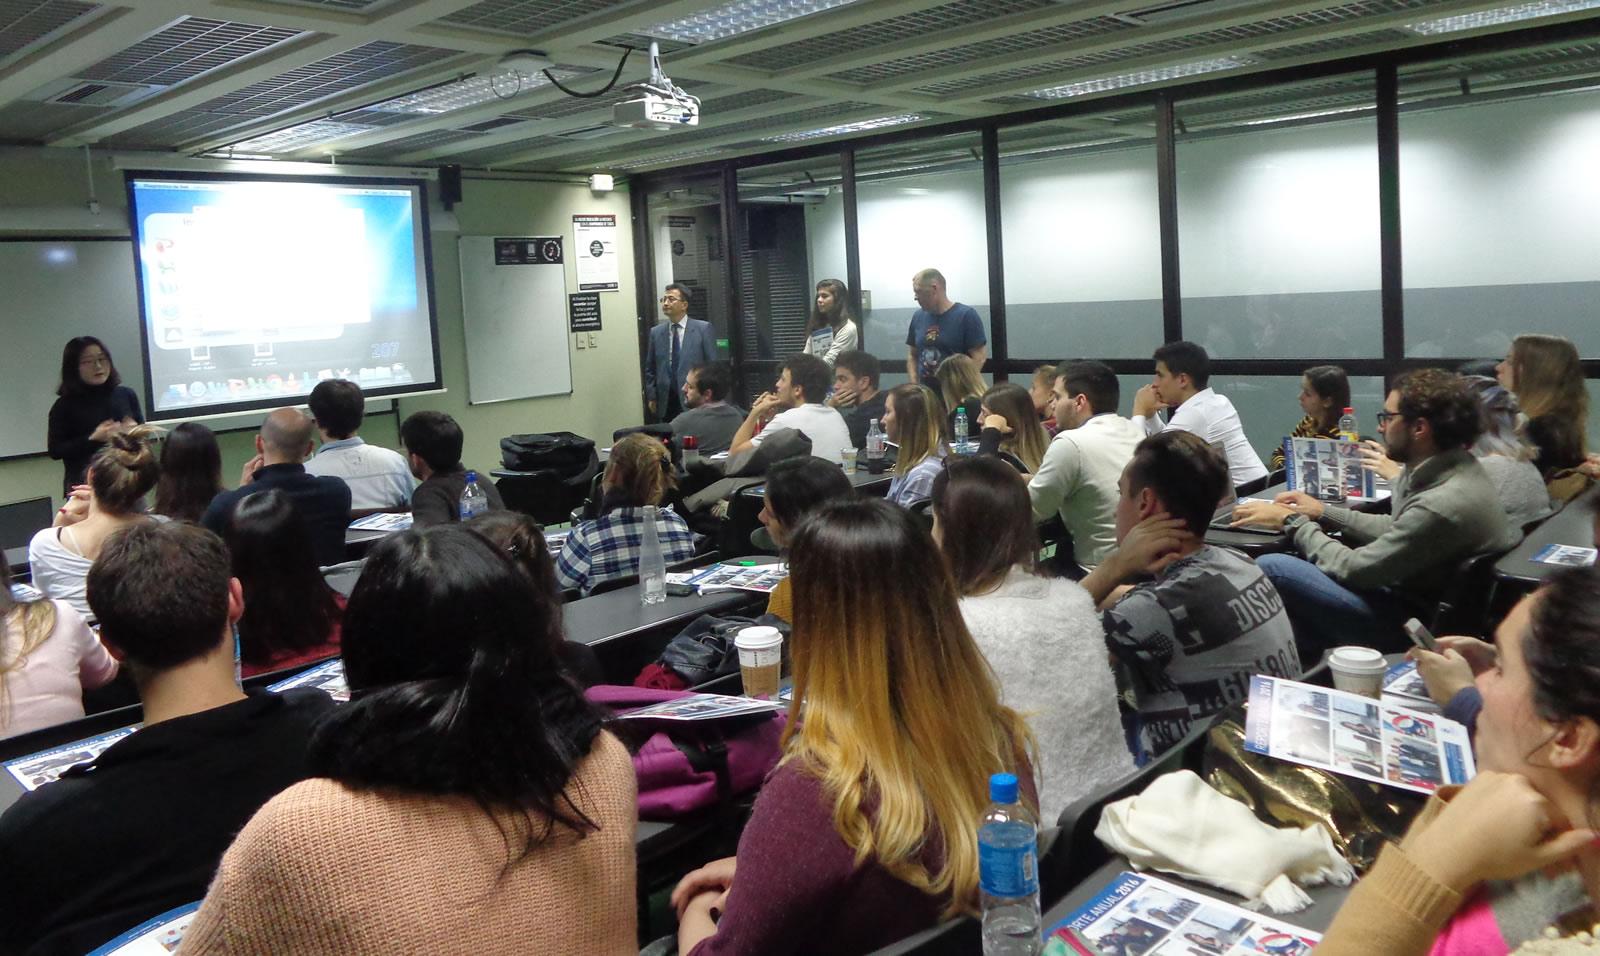 Presentación en la UADE sobre las violaciones a la libertad de expresión en Corea del Norte